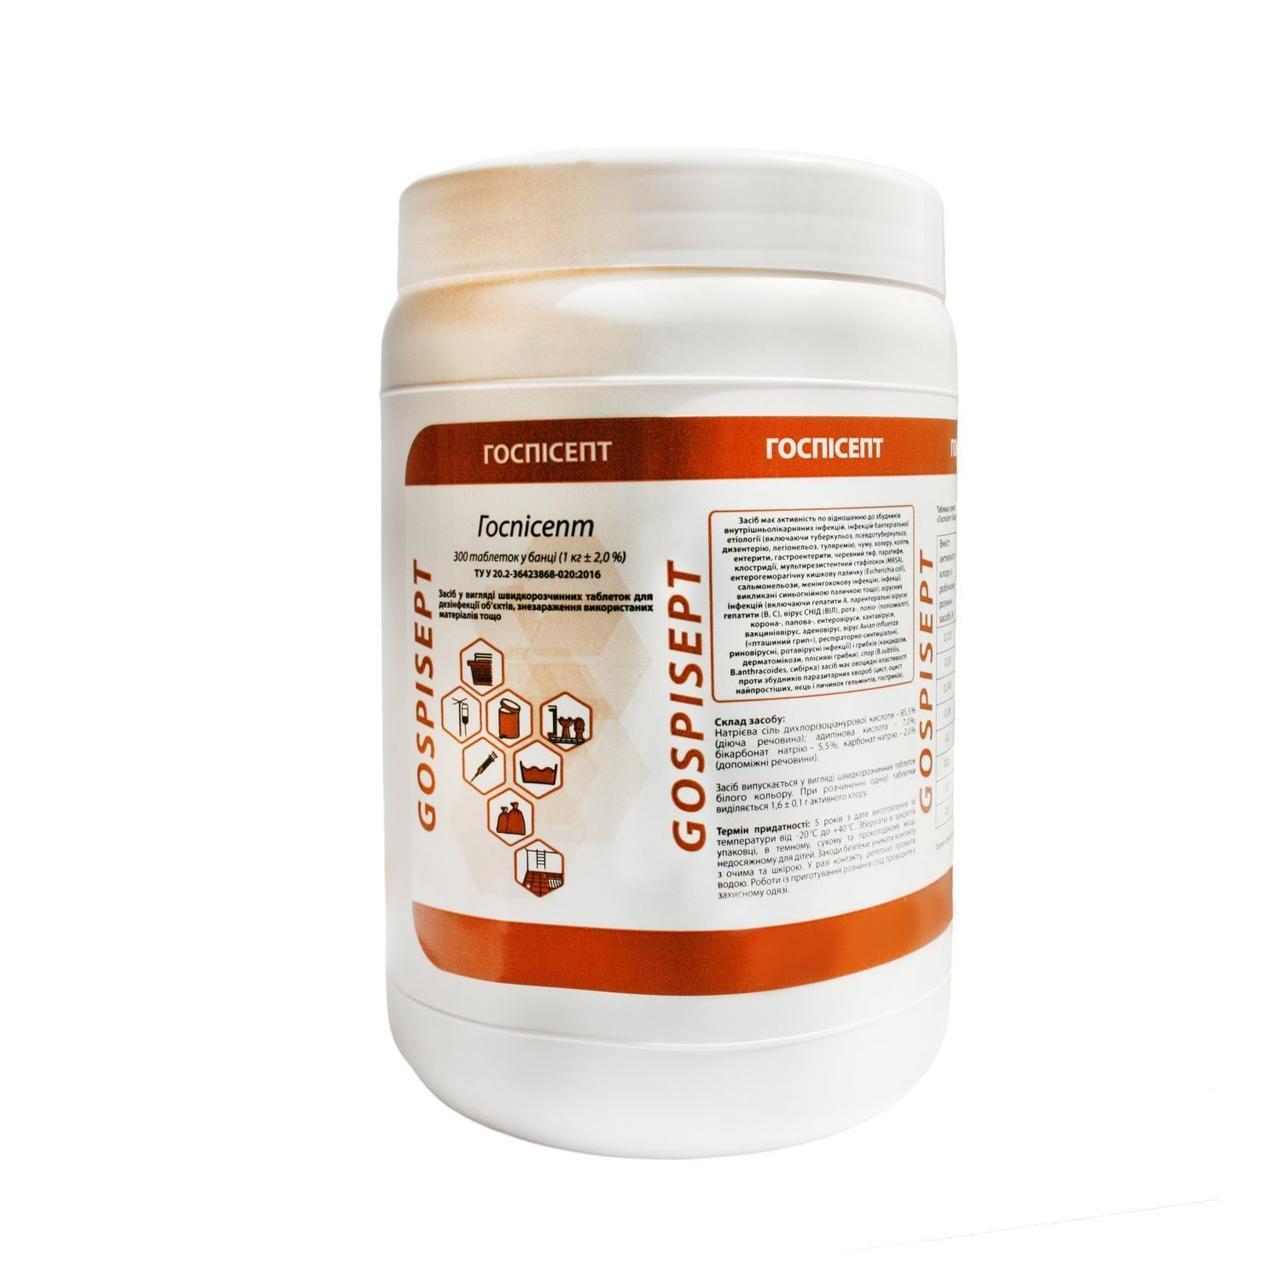 Госписепт (гранулы) - средство для обеззараживания использованных медицинских изделий, 1000 г